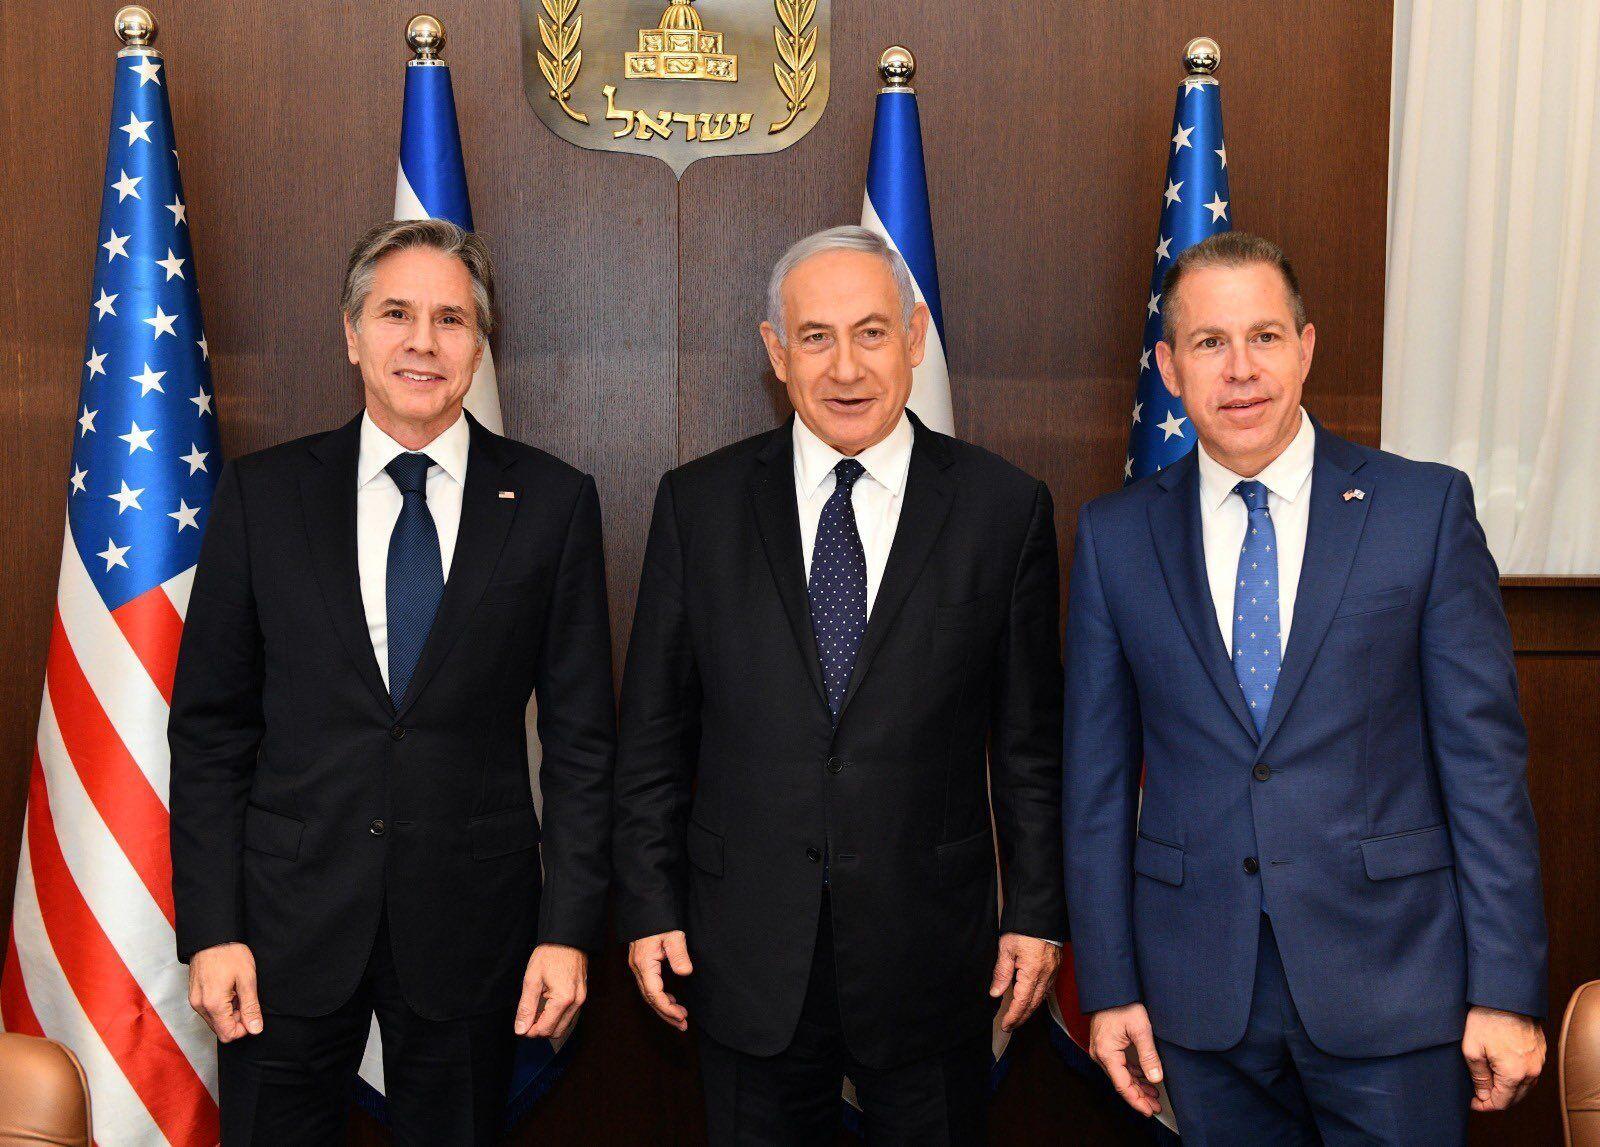 Візит Блінкена в Ізраїль відбувся 25 травня